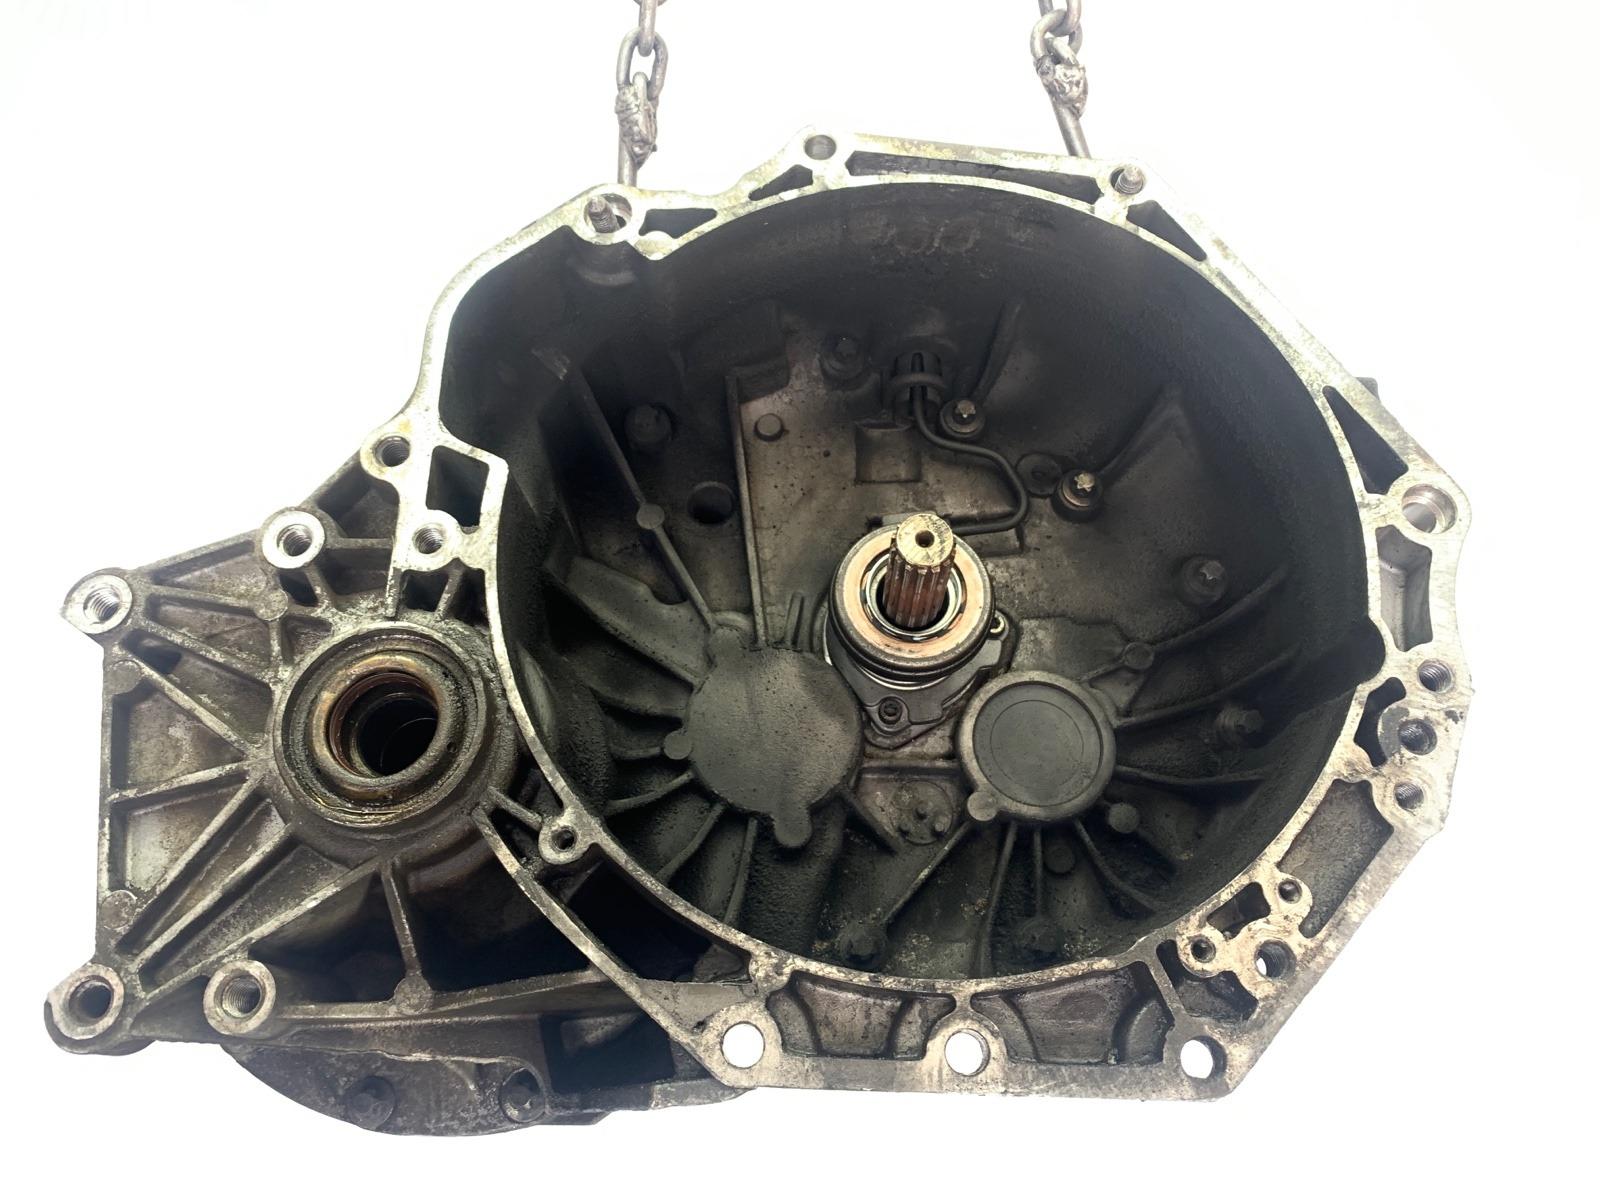 Кпп механическая (мкпп) Opel Vectra C 2.0 DTI 2004 (б/у)